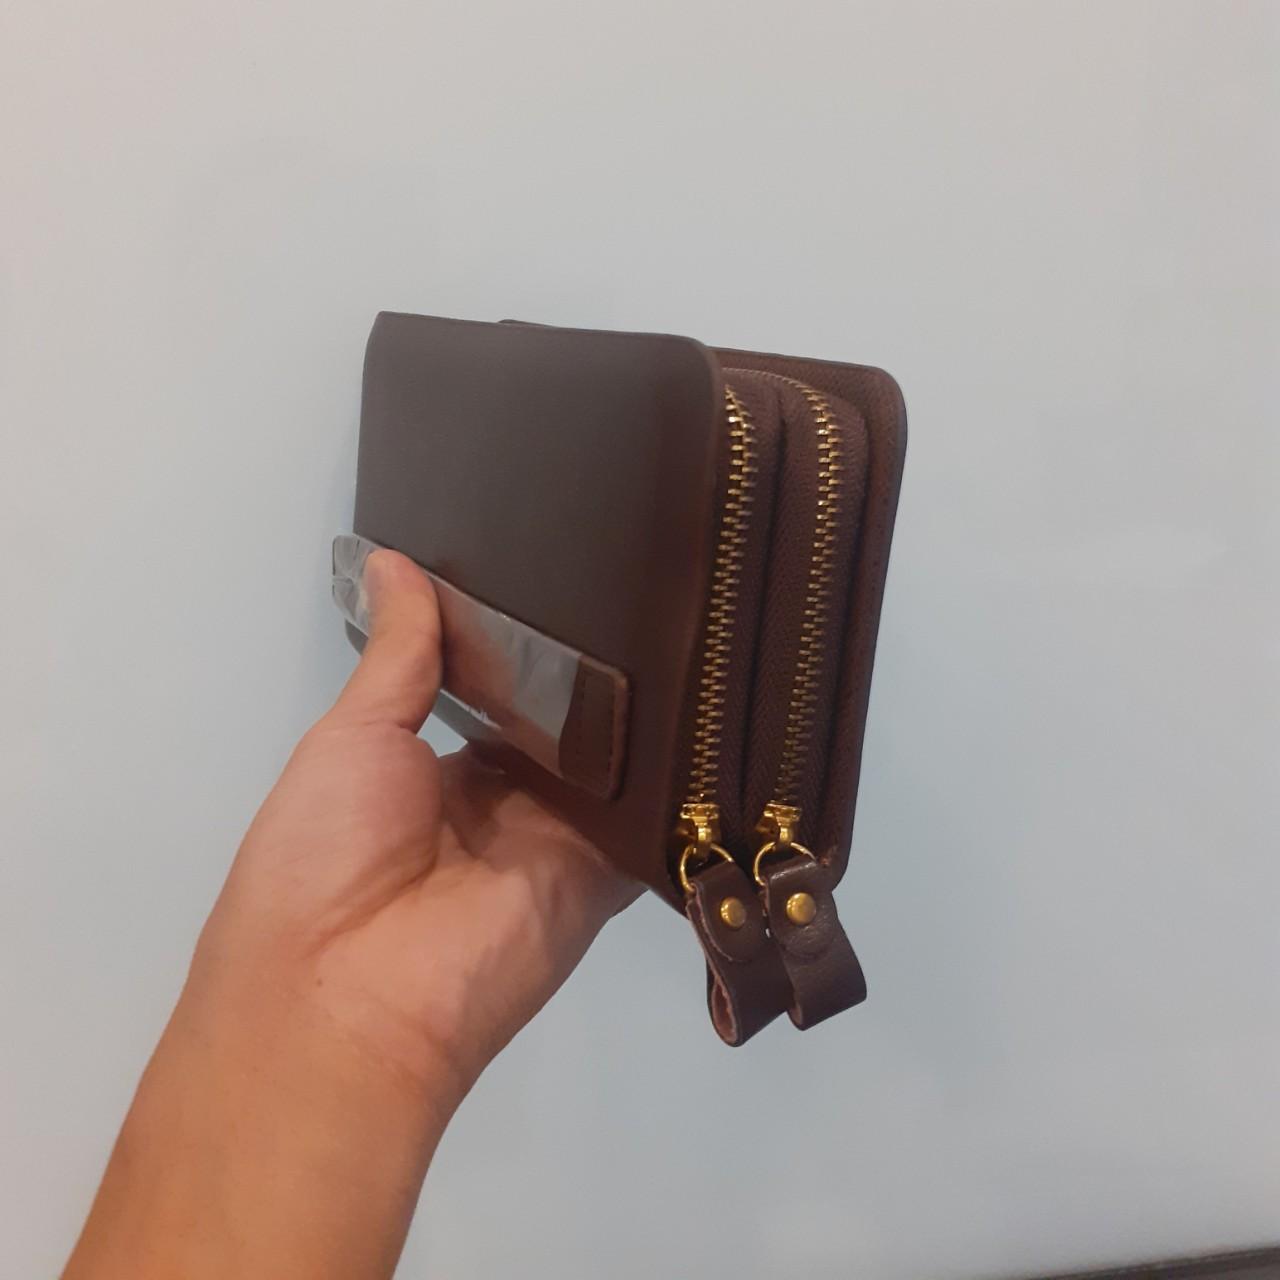 Camera ngụy trang ví da cầm tay quay lén V88